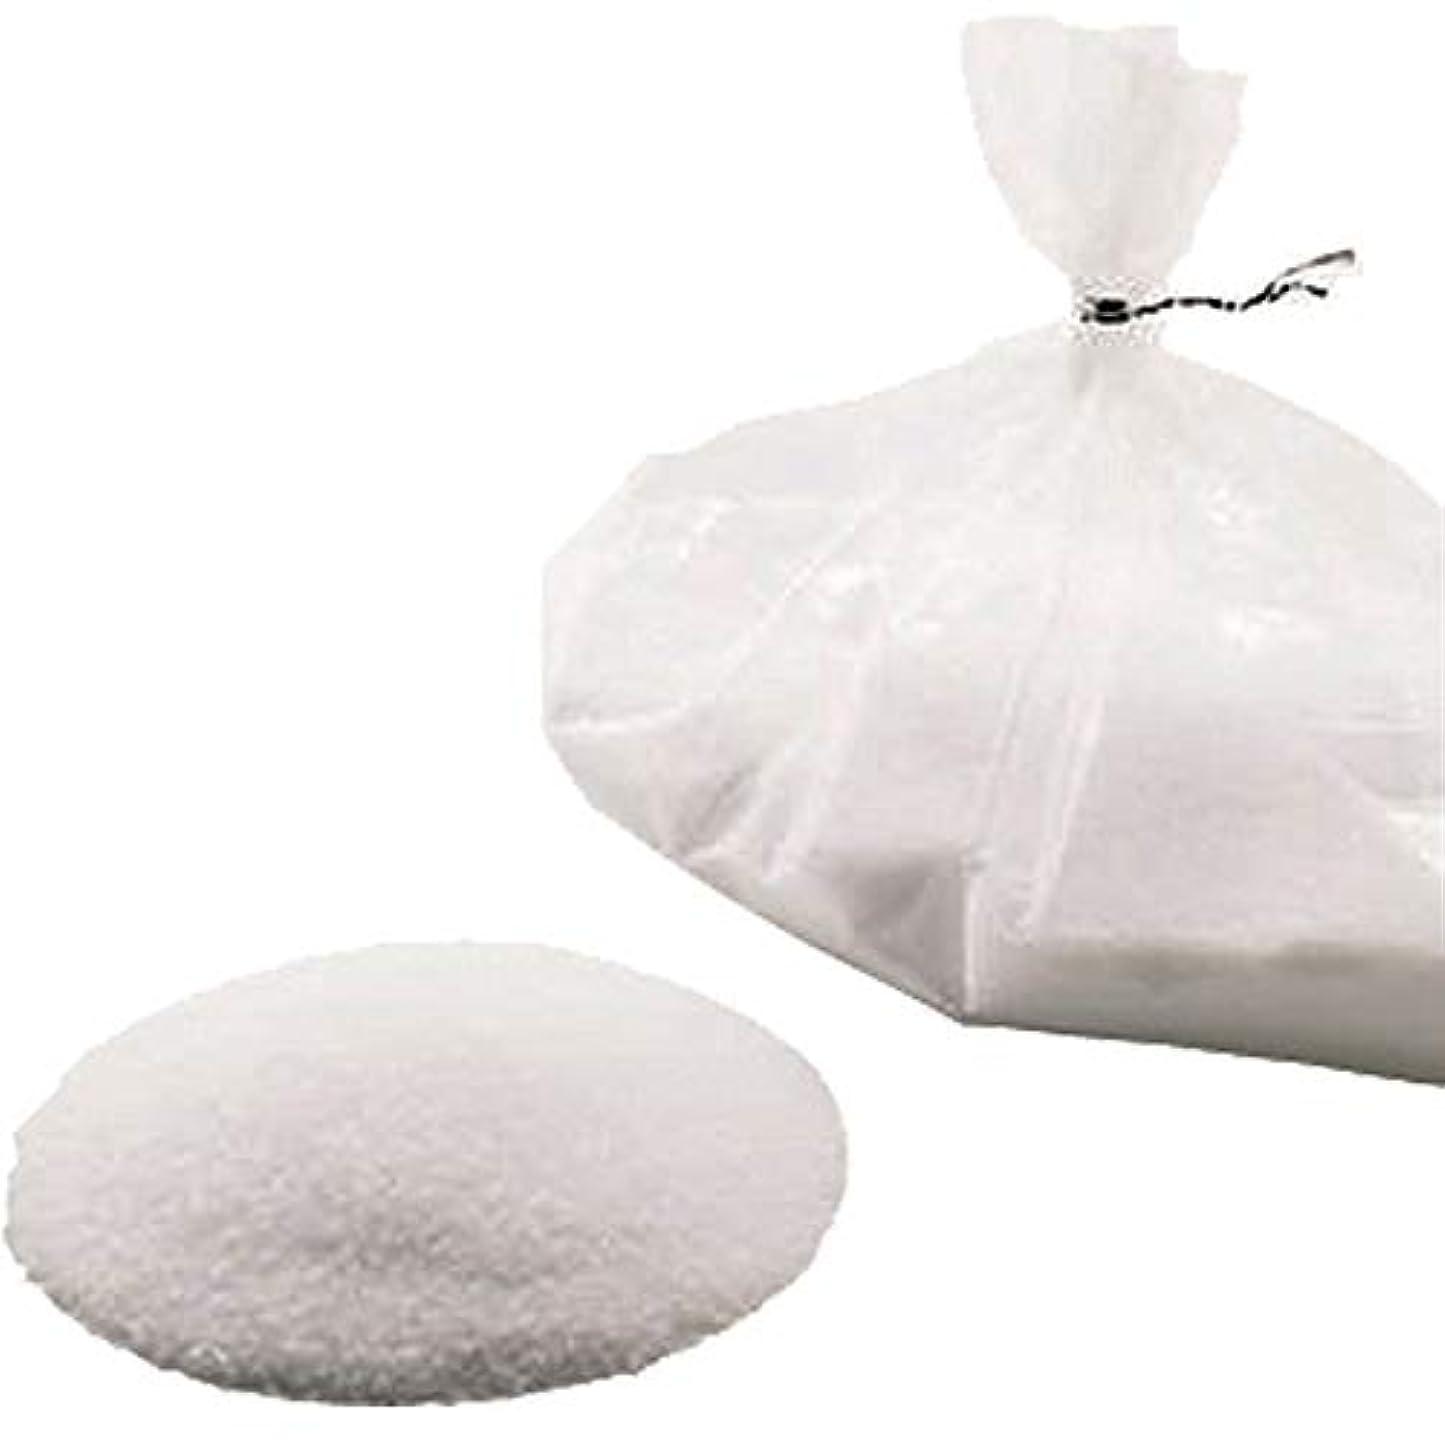 カメヤマキャンドルハウス 手作り キャンドル 国産 パウダーワックス 原料 1kg